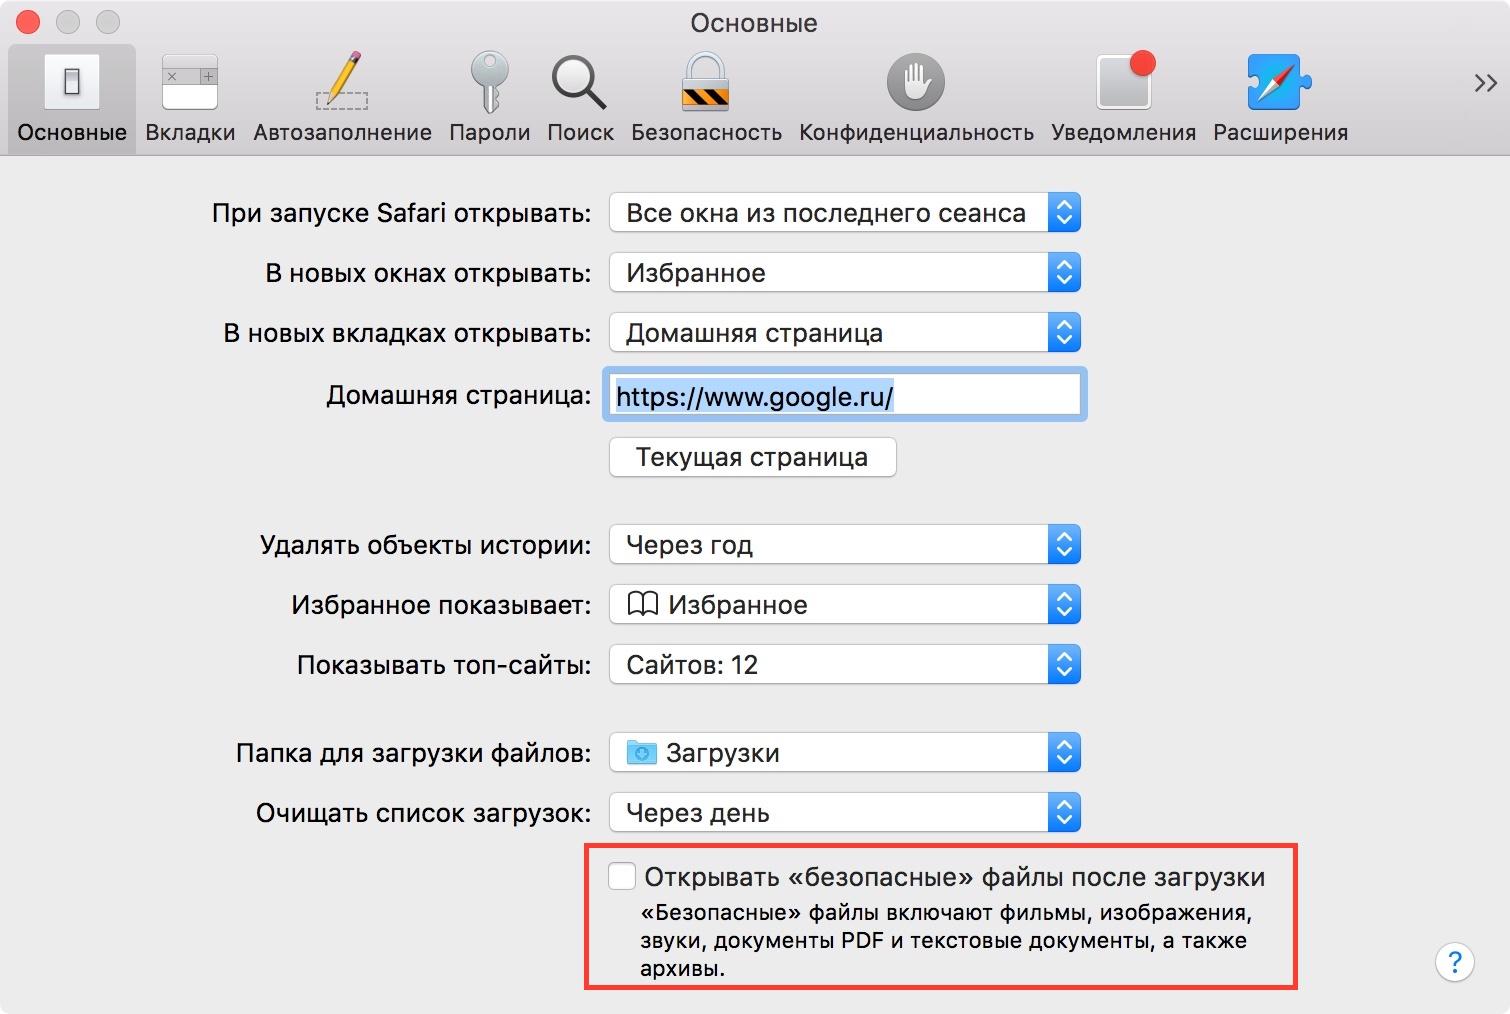 """Открывать """"безопасные"""" файлы после загрузки macOS"""